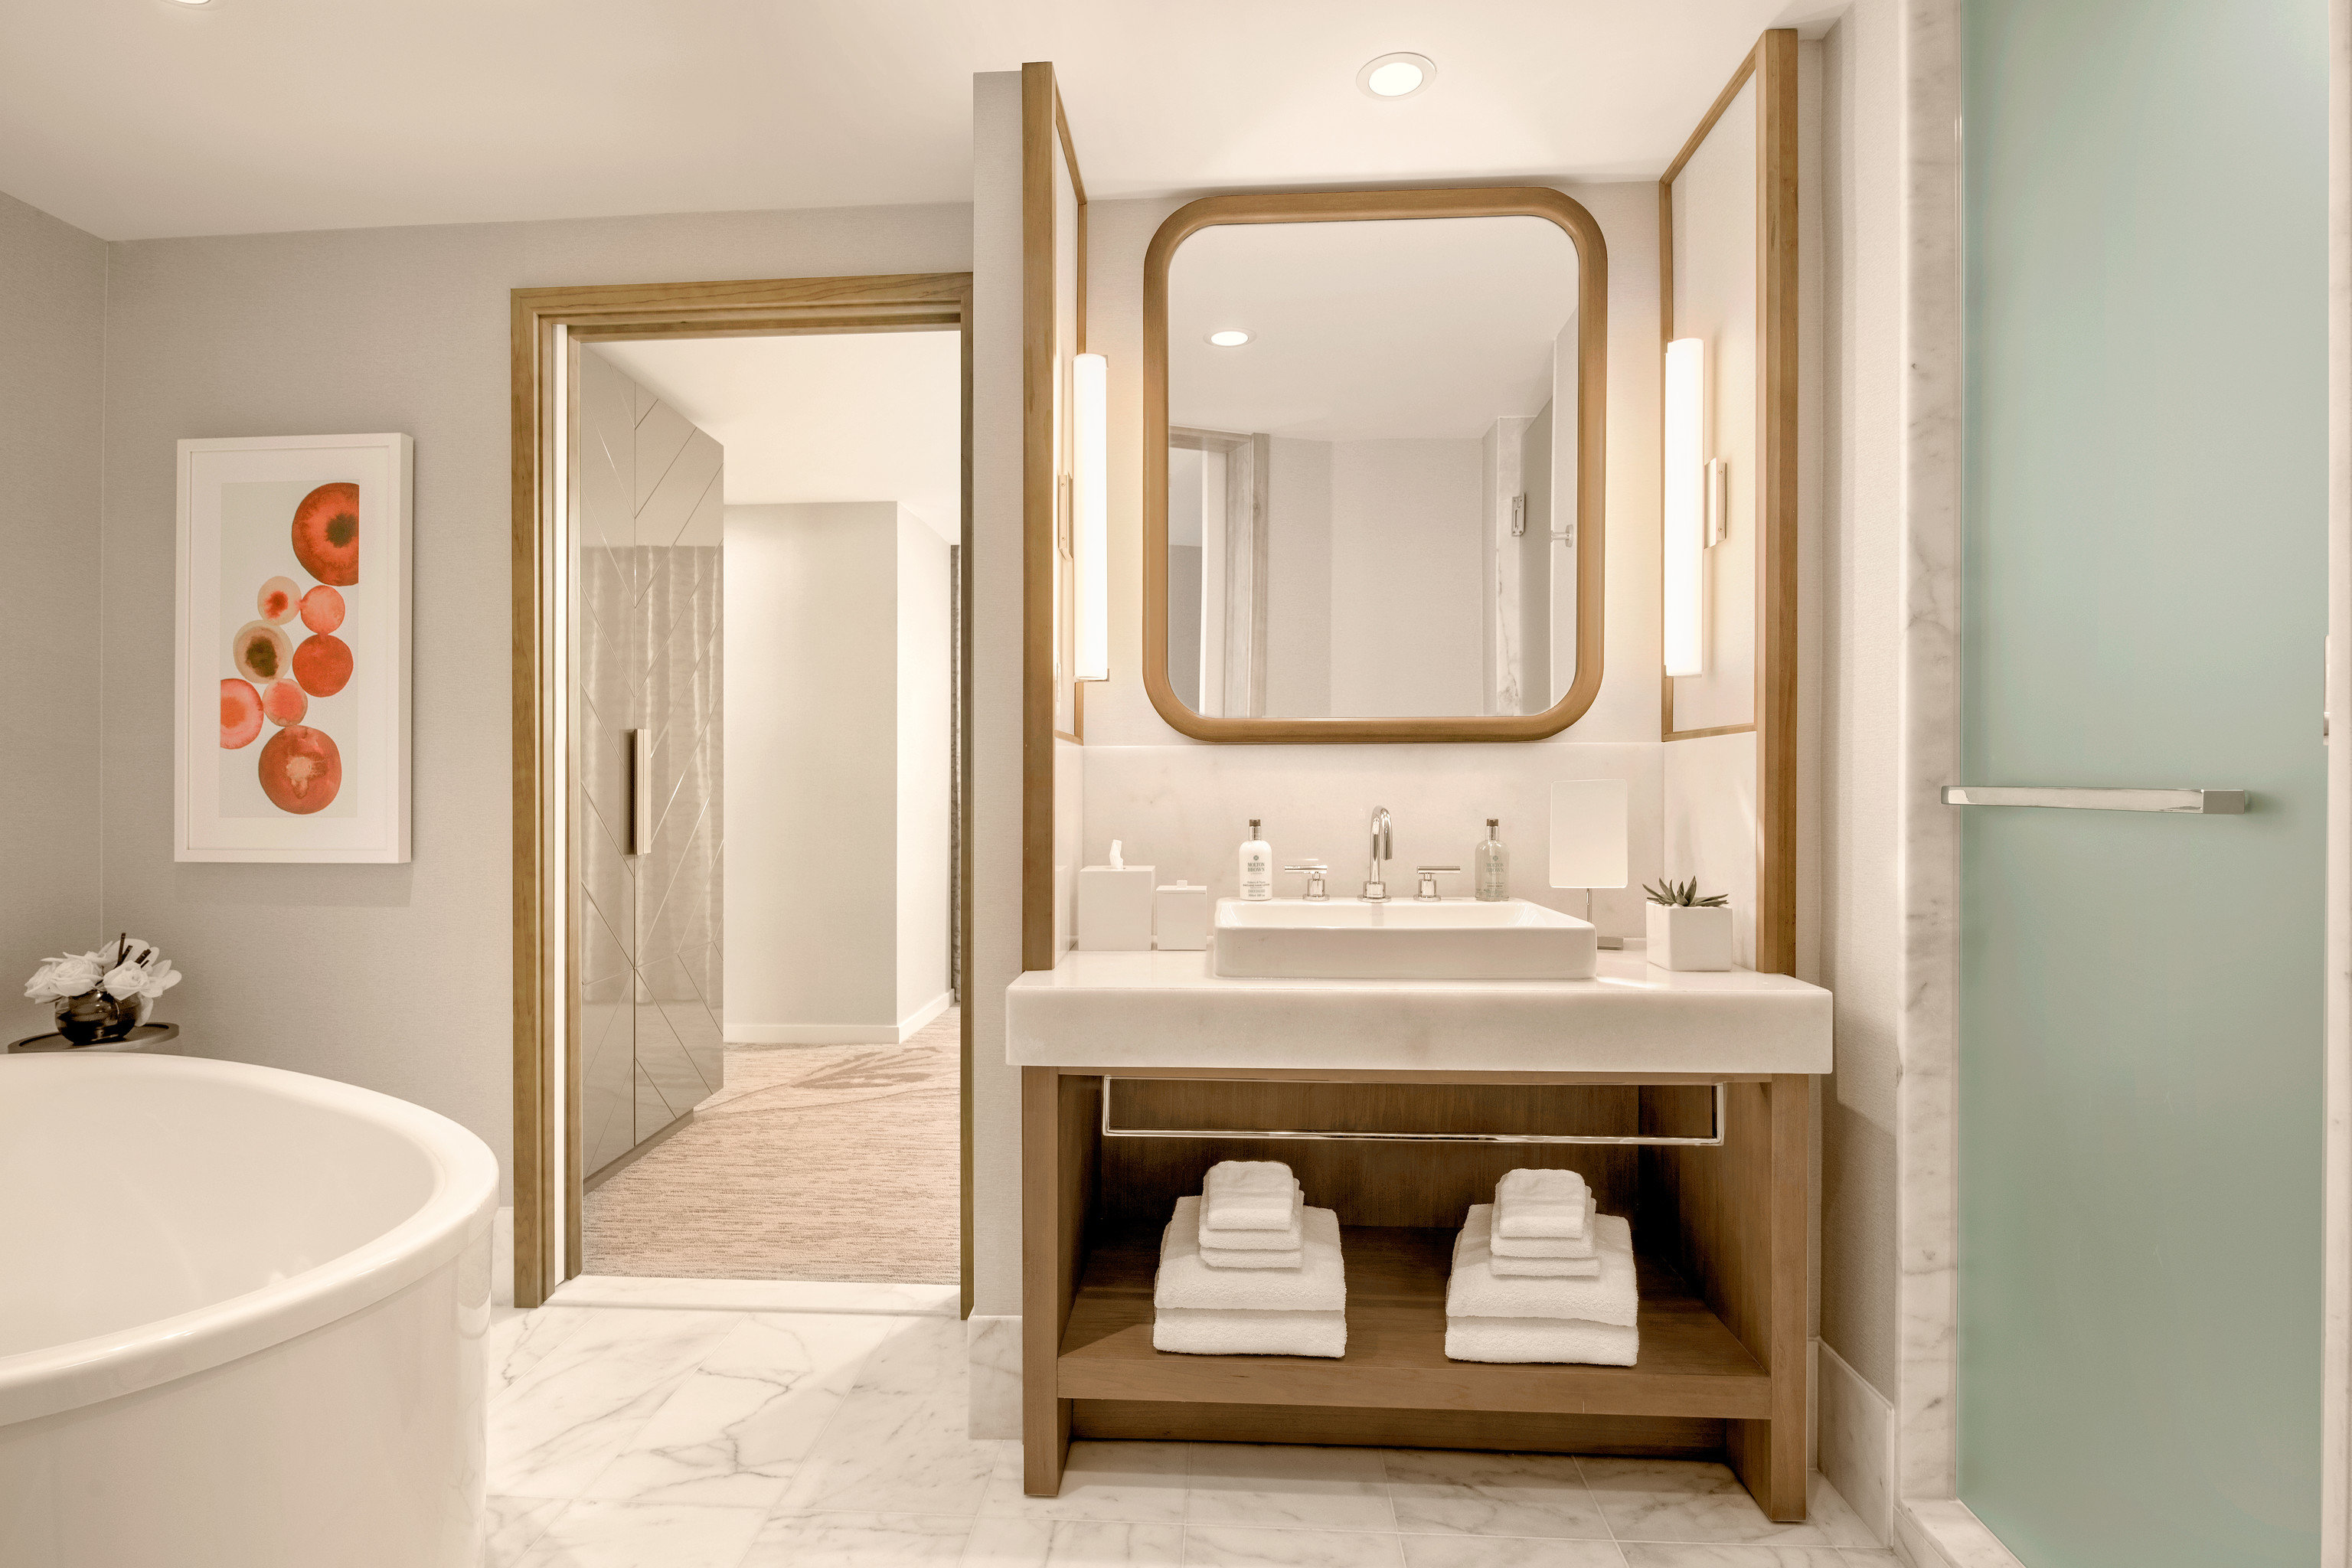 Trip Ideas Weekend Getaways Winter wall bathroom indoor mirror room toilet sink interior design home white Suite plumbing fixture floor product design bathroom cabinet bathroom accessory painted